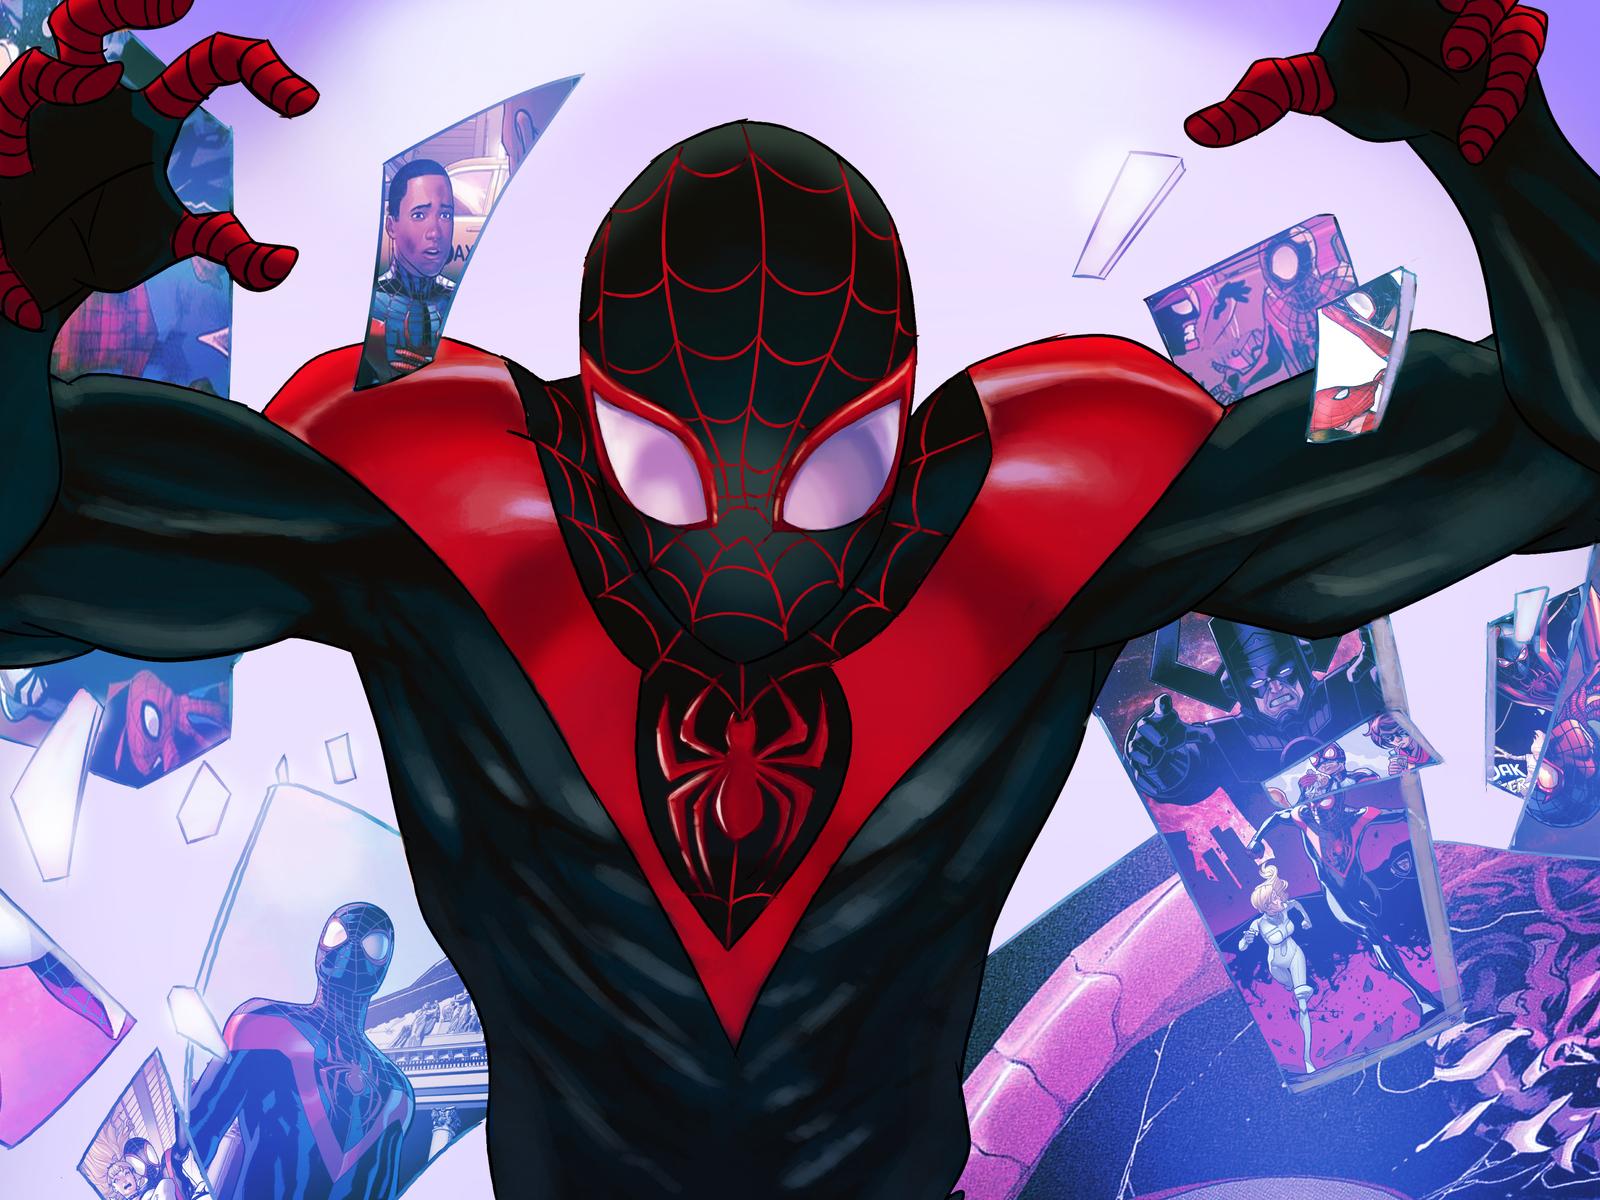 spider-into-spider-verse-5k-ed.jpg